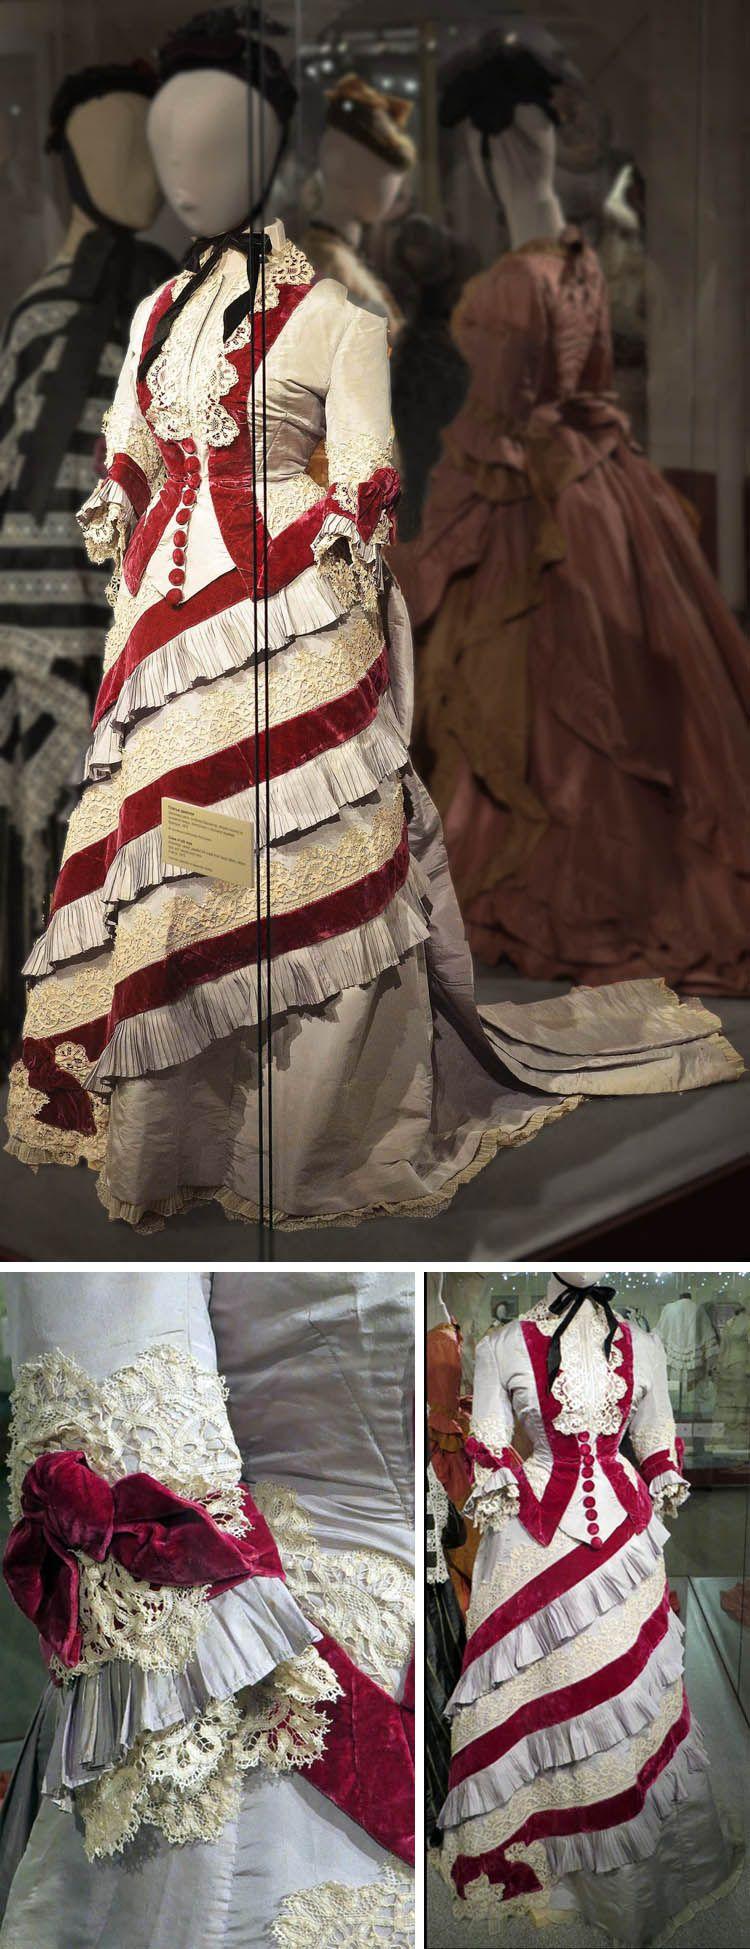 Vlago Costume de crois/é m/édi/éval pour Hommes Templier Chevalier Guerrier Tunique Robe Surcoat Manteau Manteau Halloween R/étro Cosplay